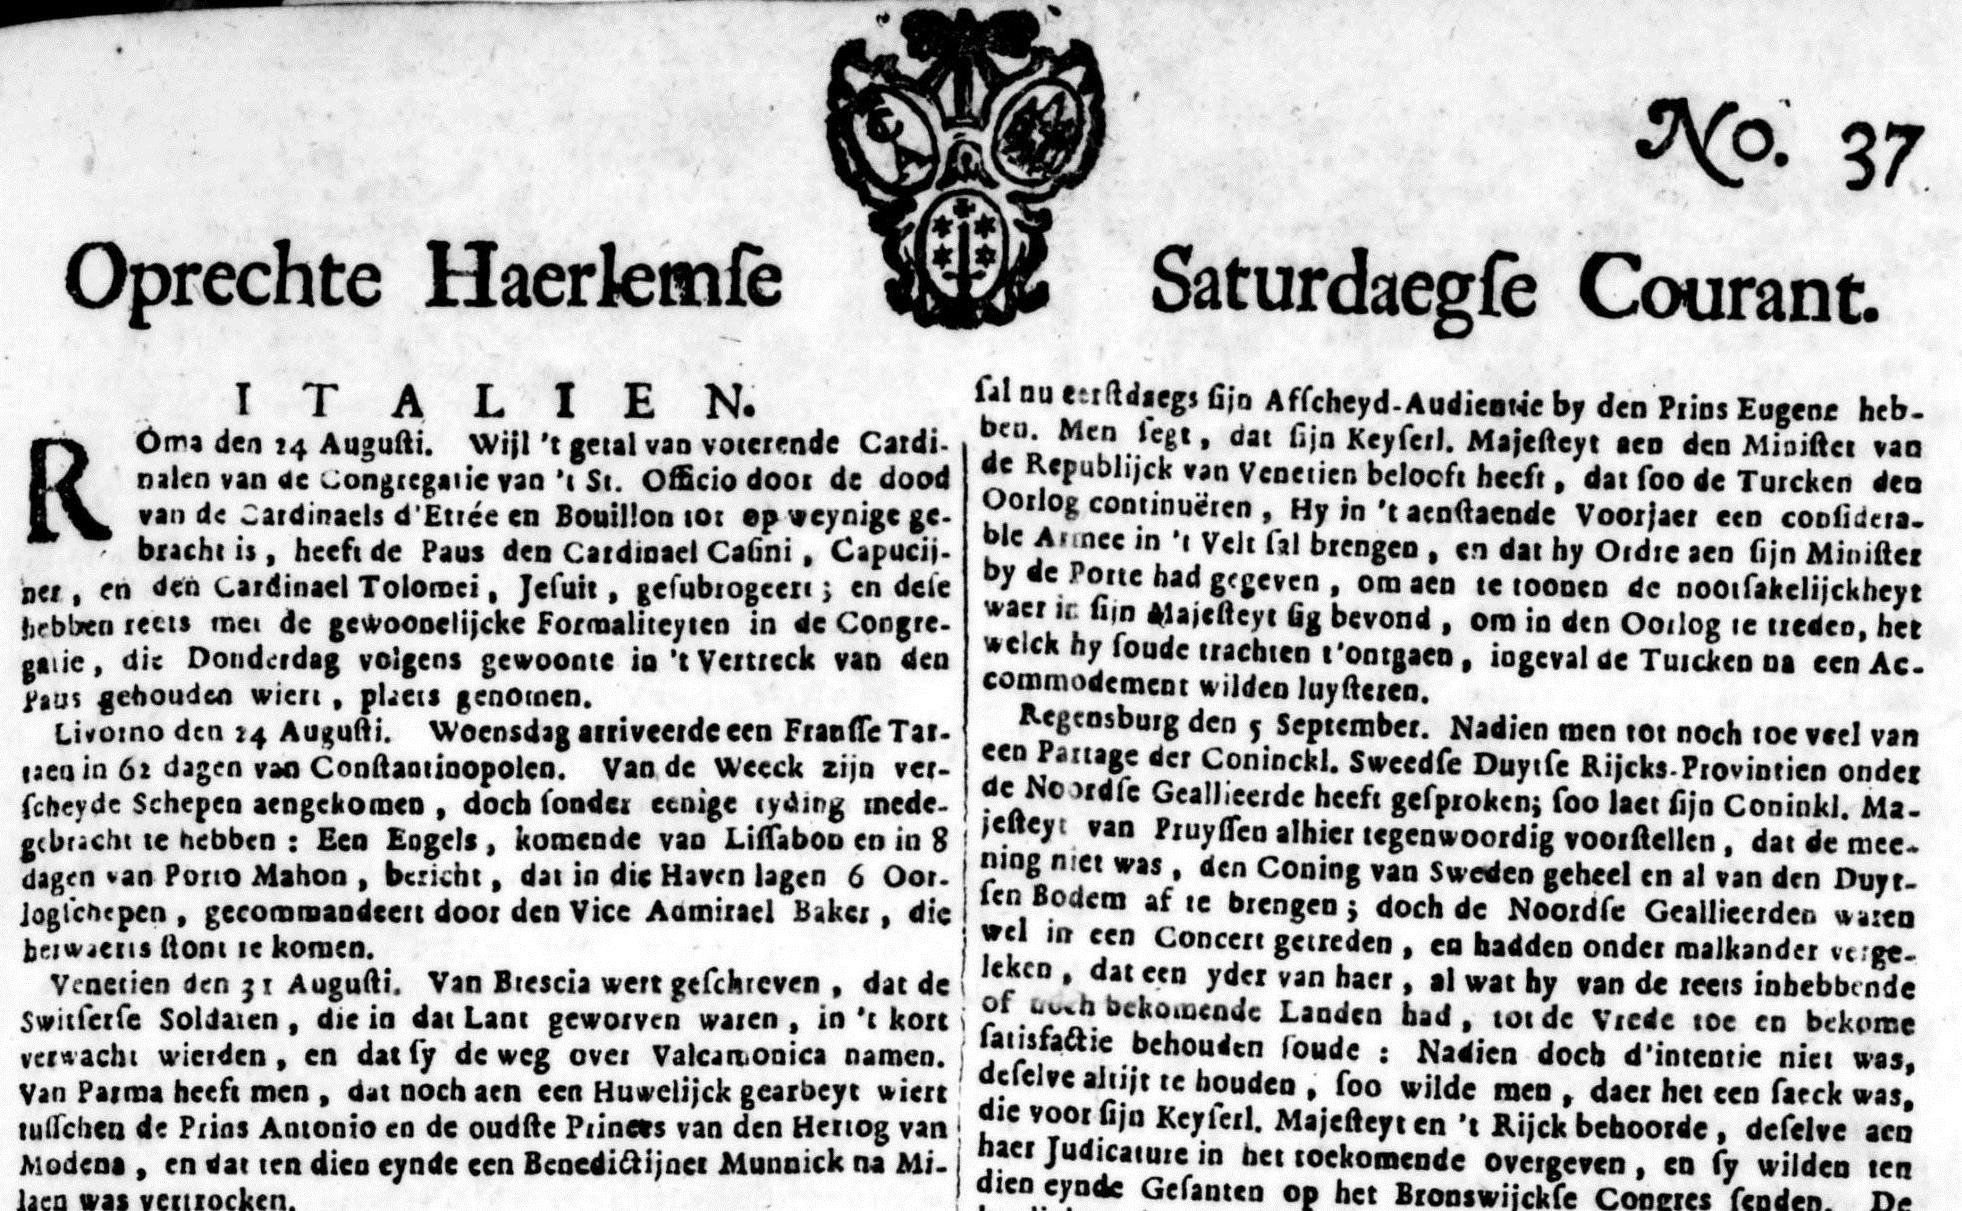 Mitä sanomalehdessä kirjoitetiin vuonna 1715?